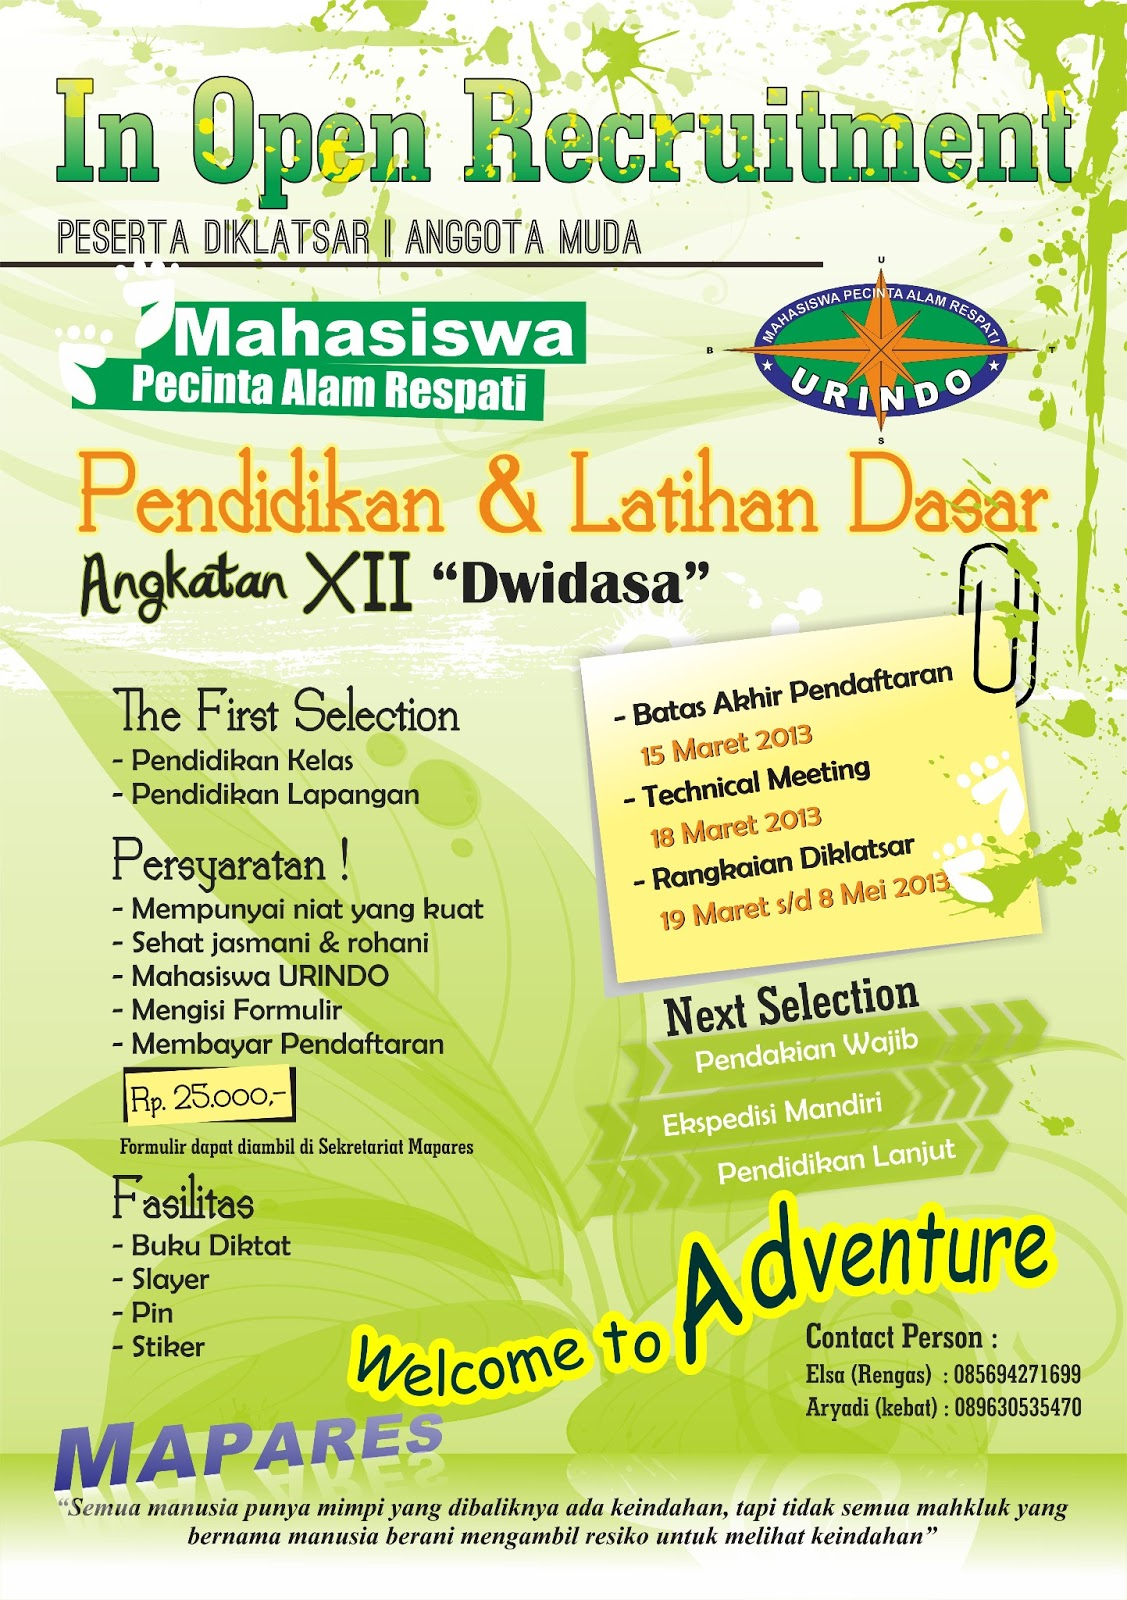 Download Contoh Desain Pamflet Poster Format Cdr Asal Tau